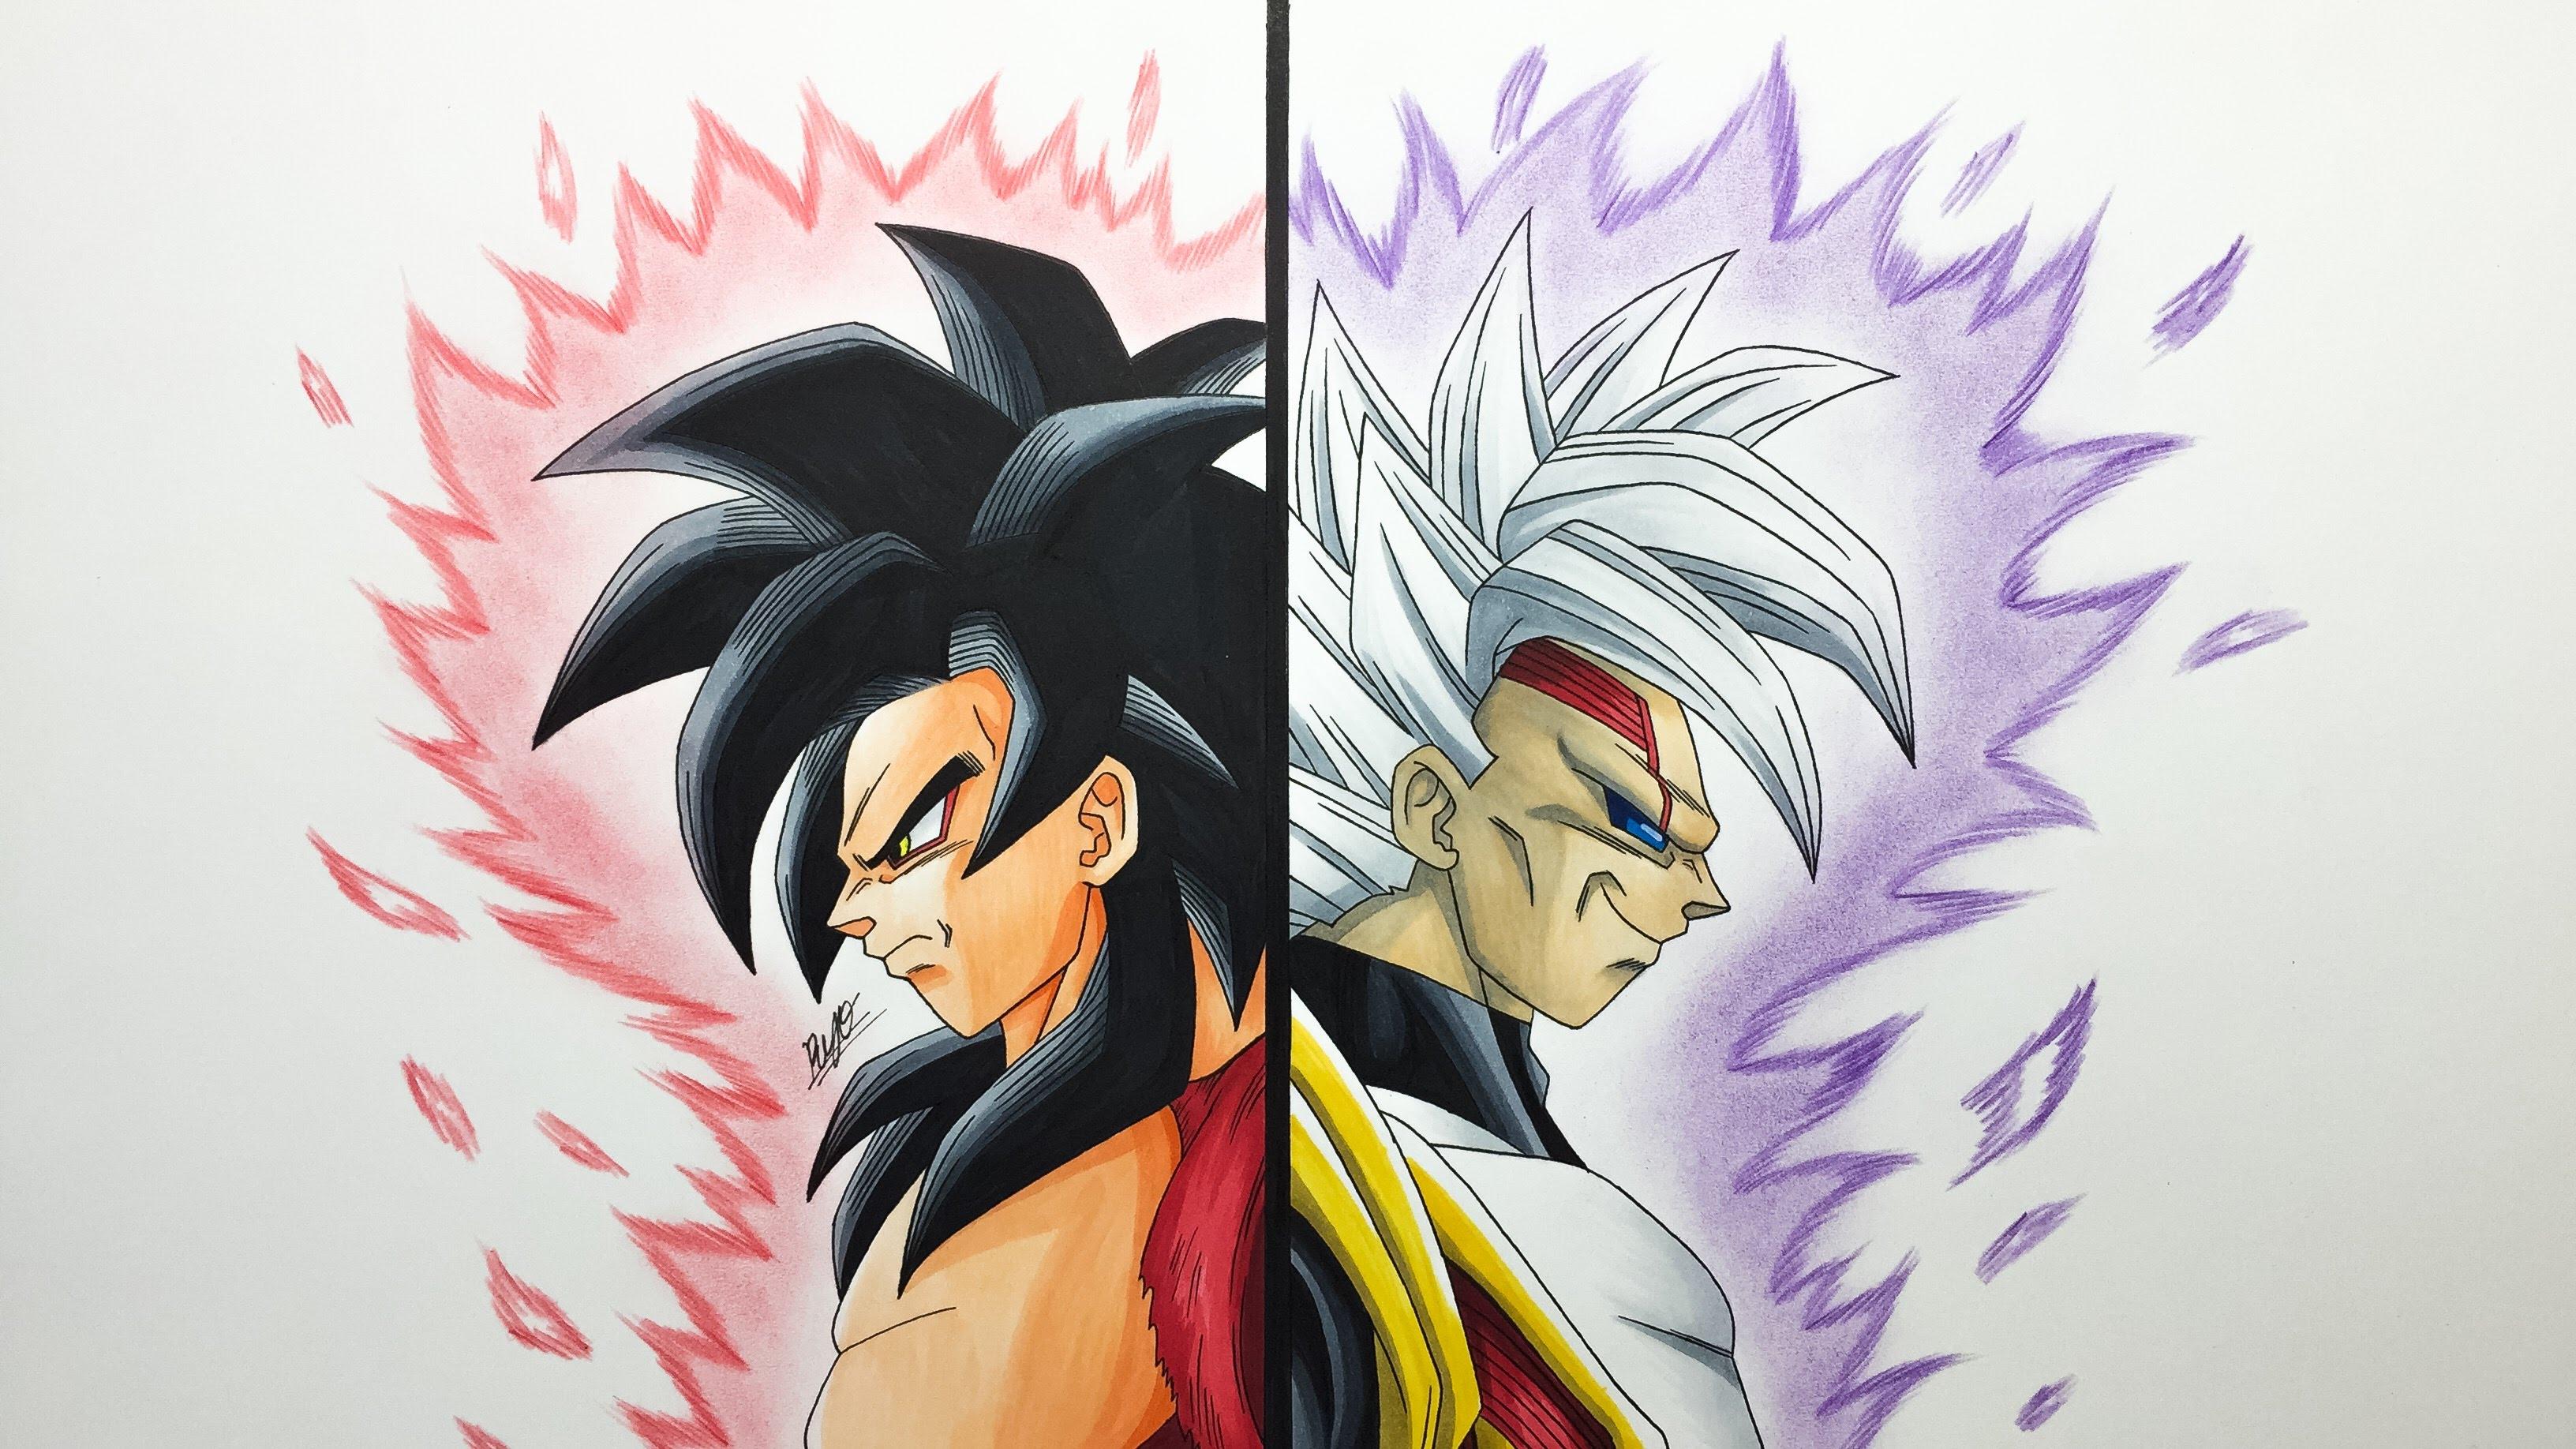 3264x1836 Goku Super Saiyan4 Vs